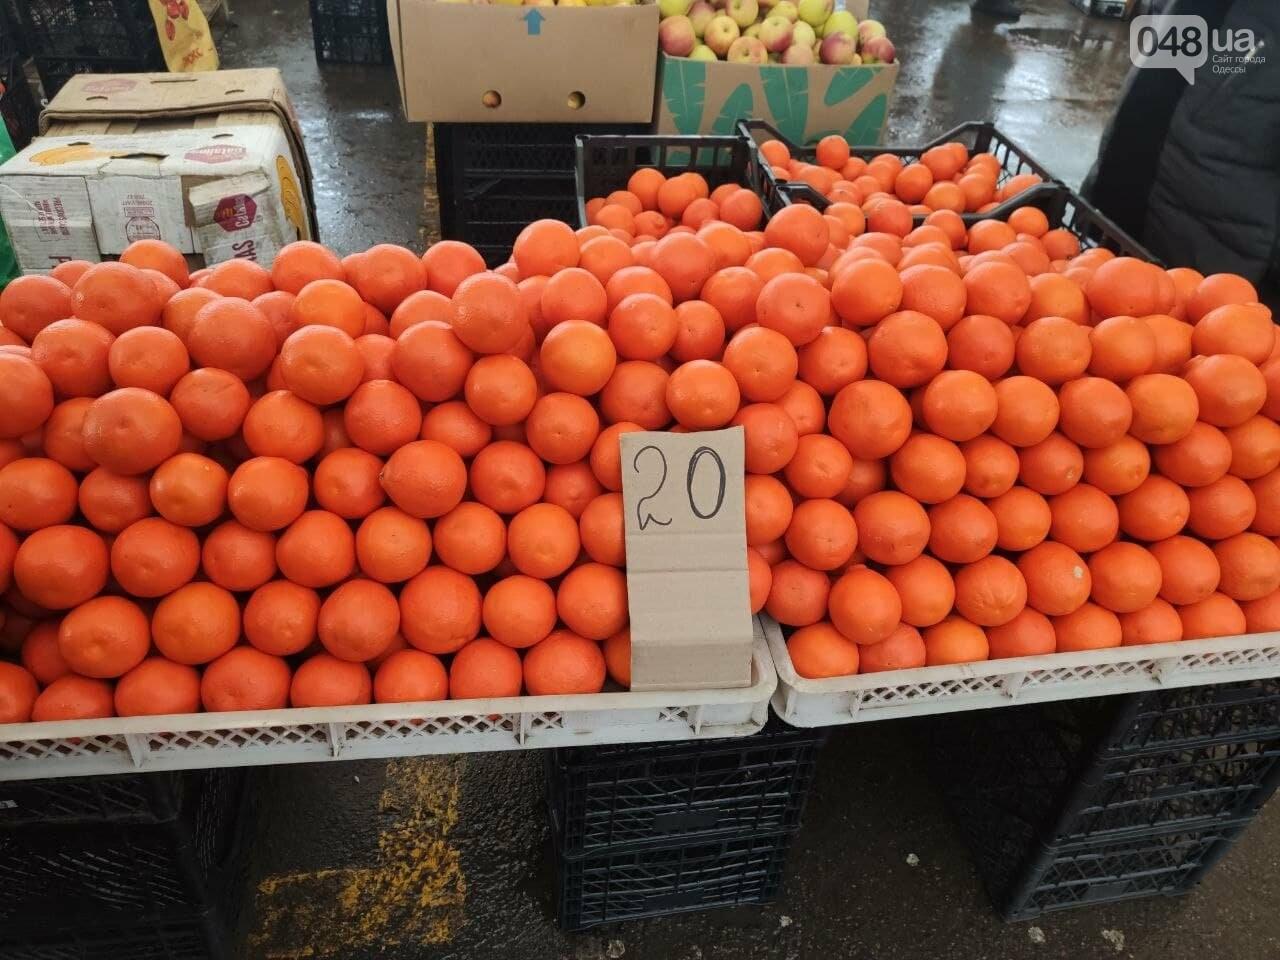 Ананас, грейпфрут, кабачки: почем на одесском Привозе овощи и фрукты, - ФОТО, фото-3